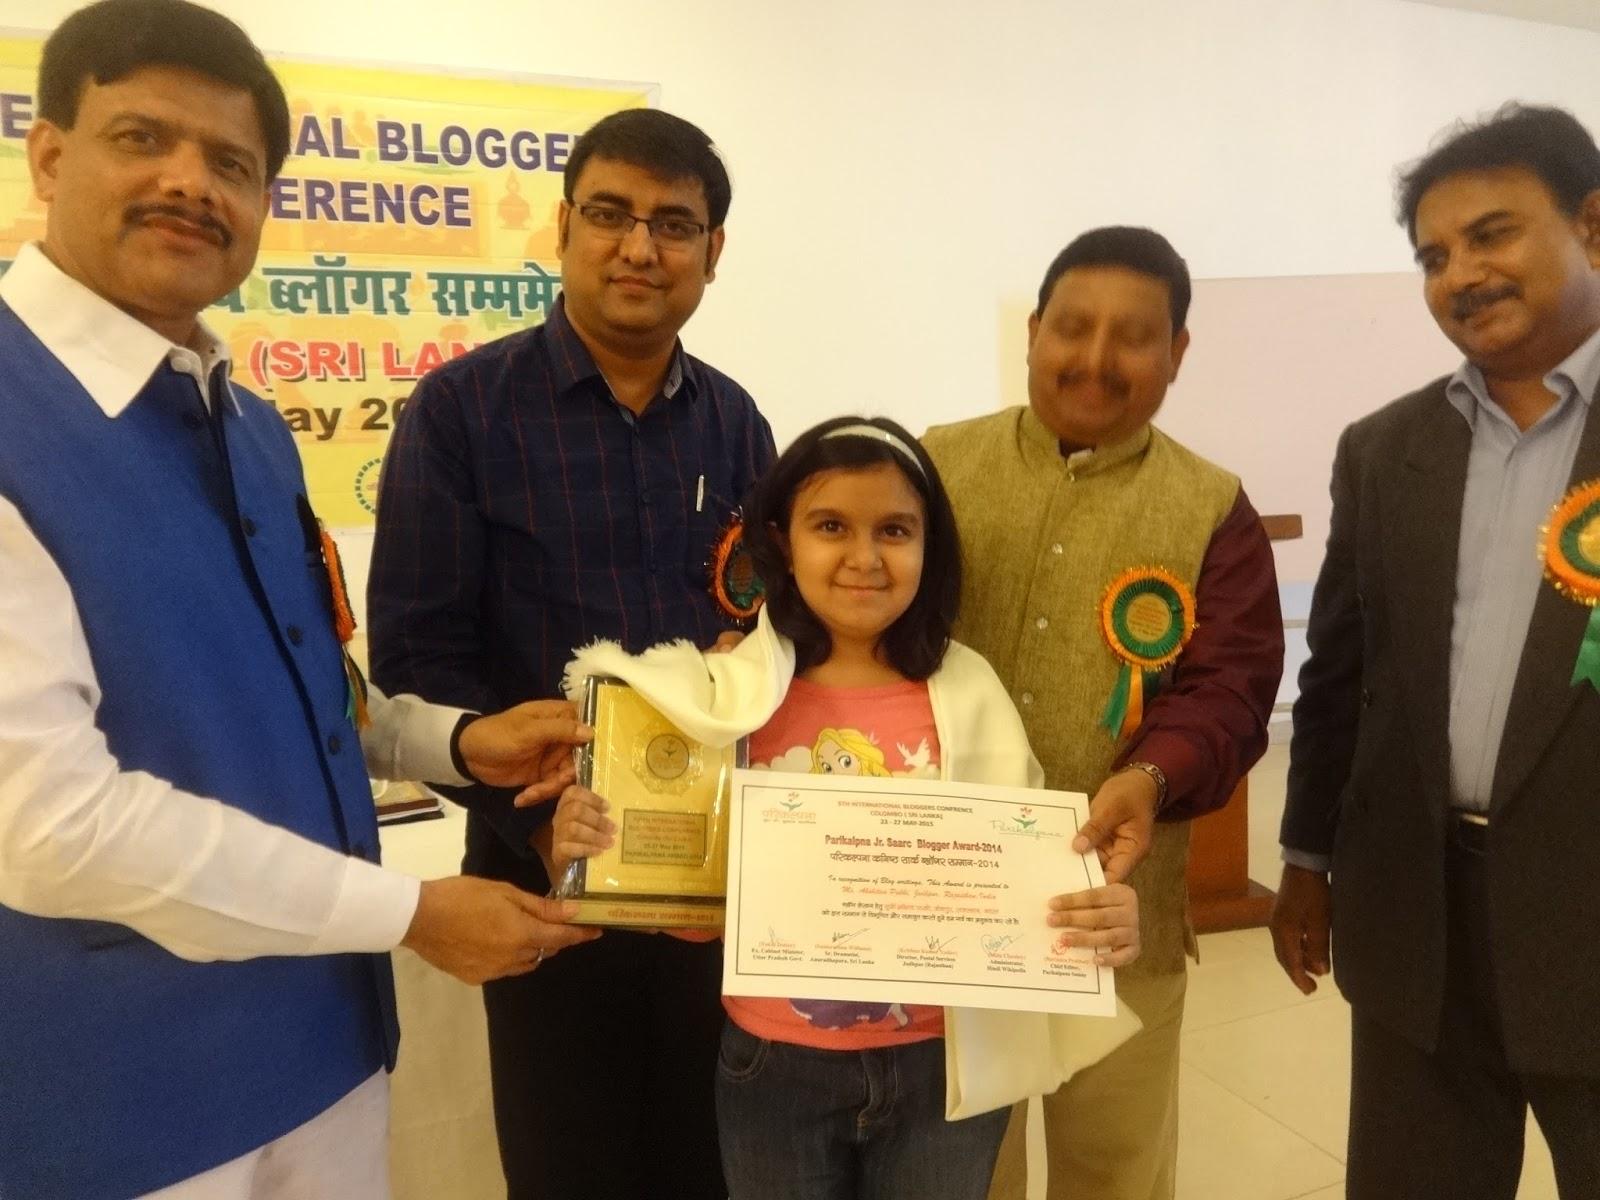 अंतर्राष्ट्रीय ब्लॉगर सम्मेलन, श्रीलंका में अक्षिता को 'परिकल्पना कनिष्ठ सार्क ब्लॉगर सम्मान'